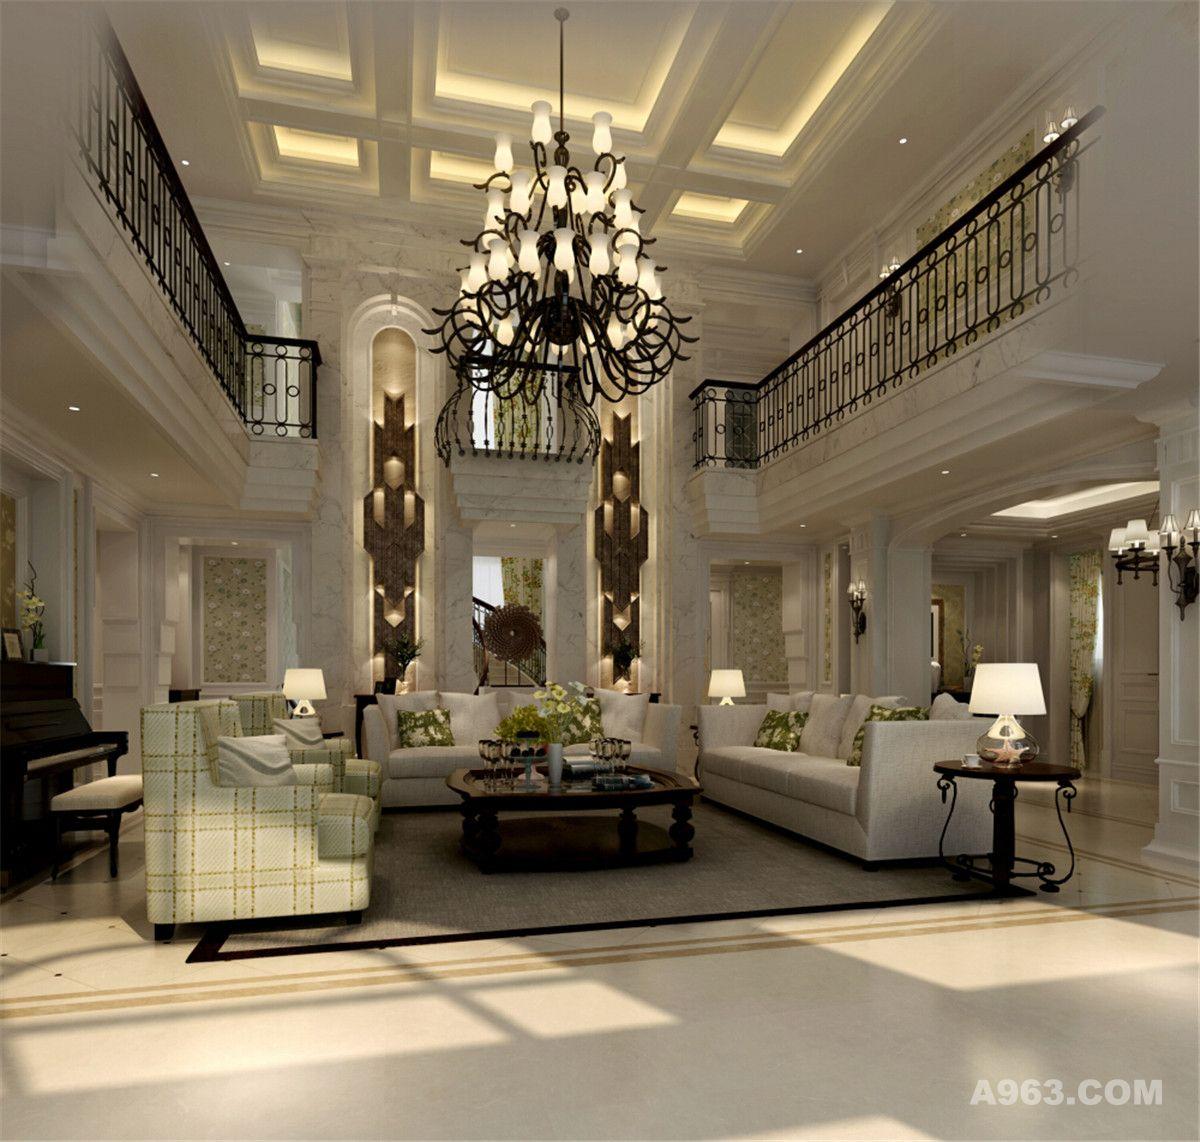 户型装修欧美风格设计方案展示,腾龙别墅设计师孔继民作品,欢迎品鉴